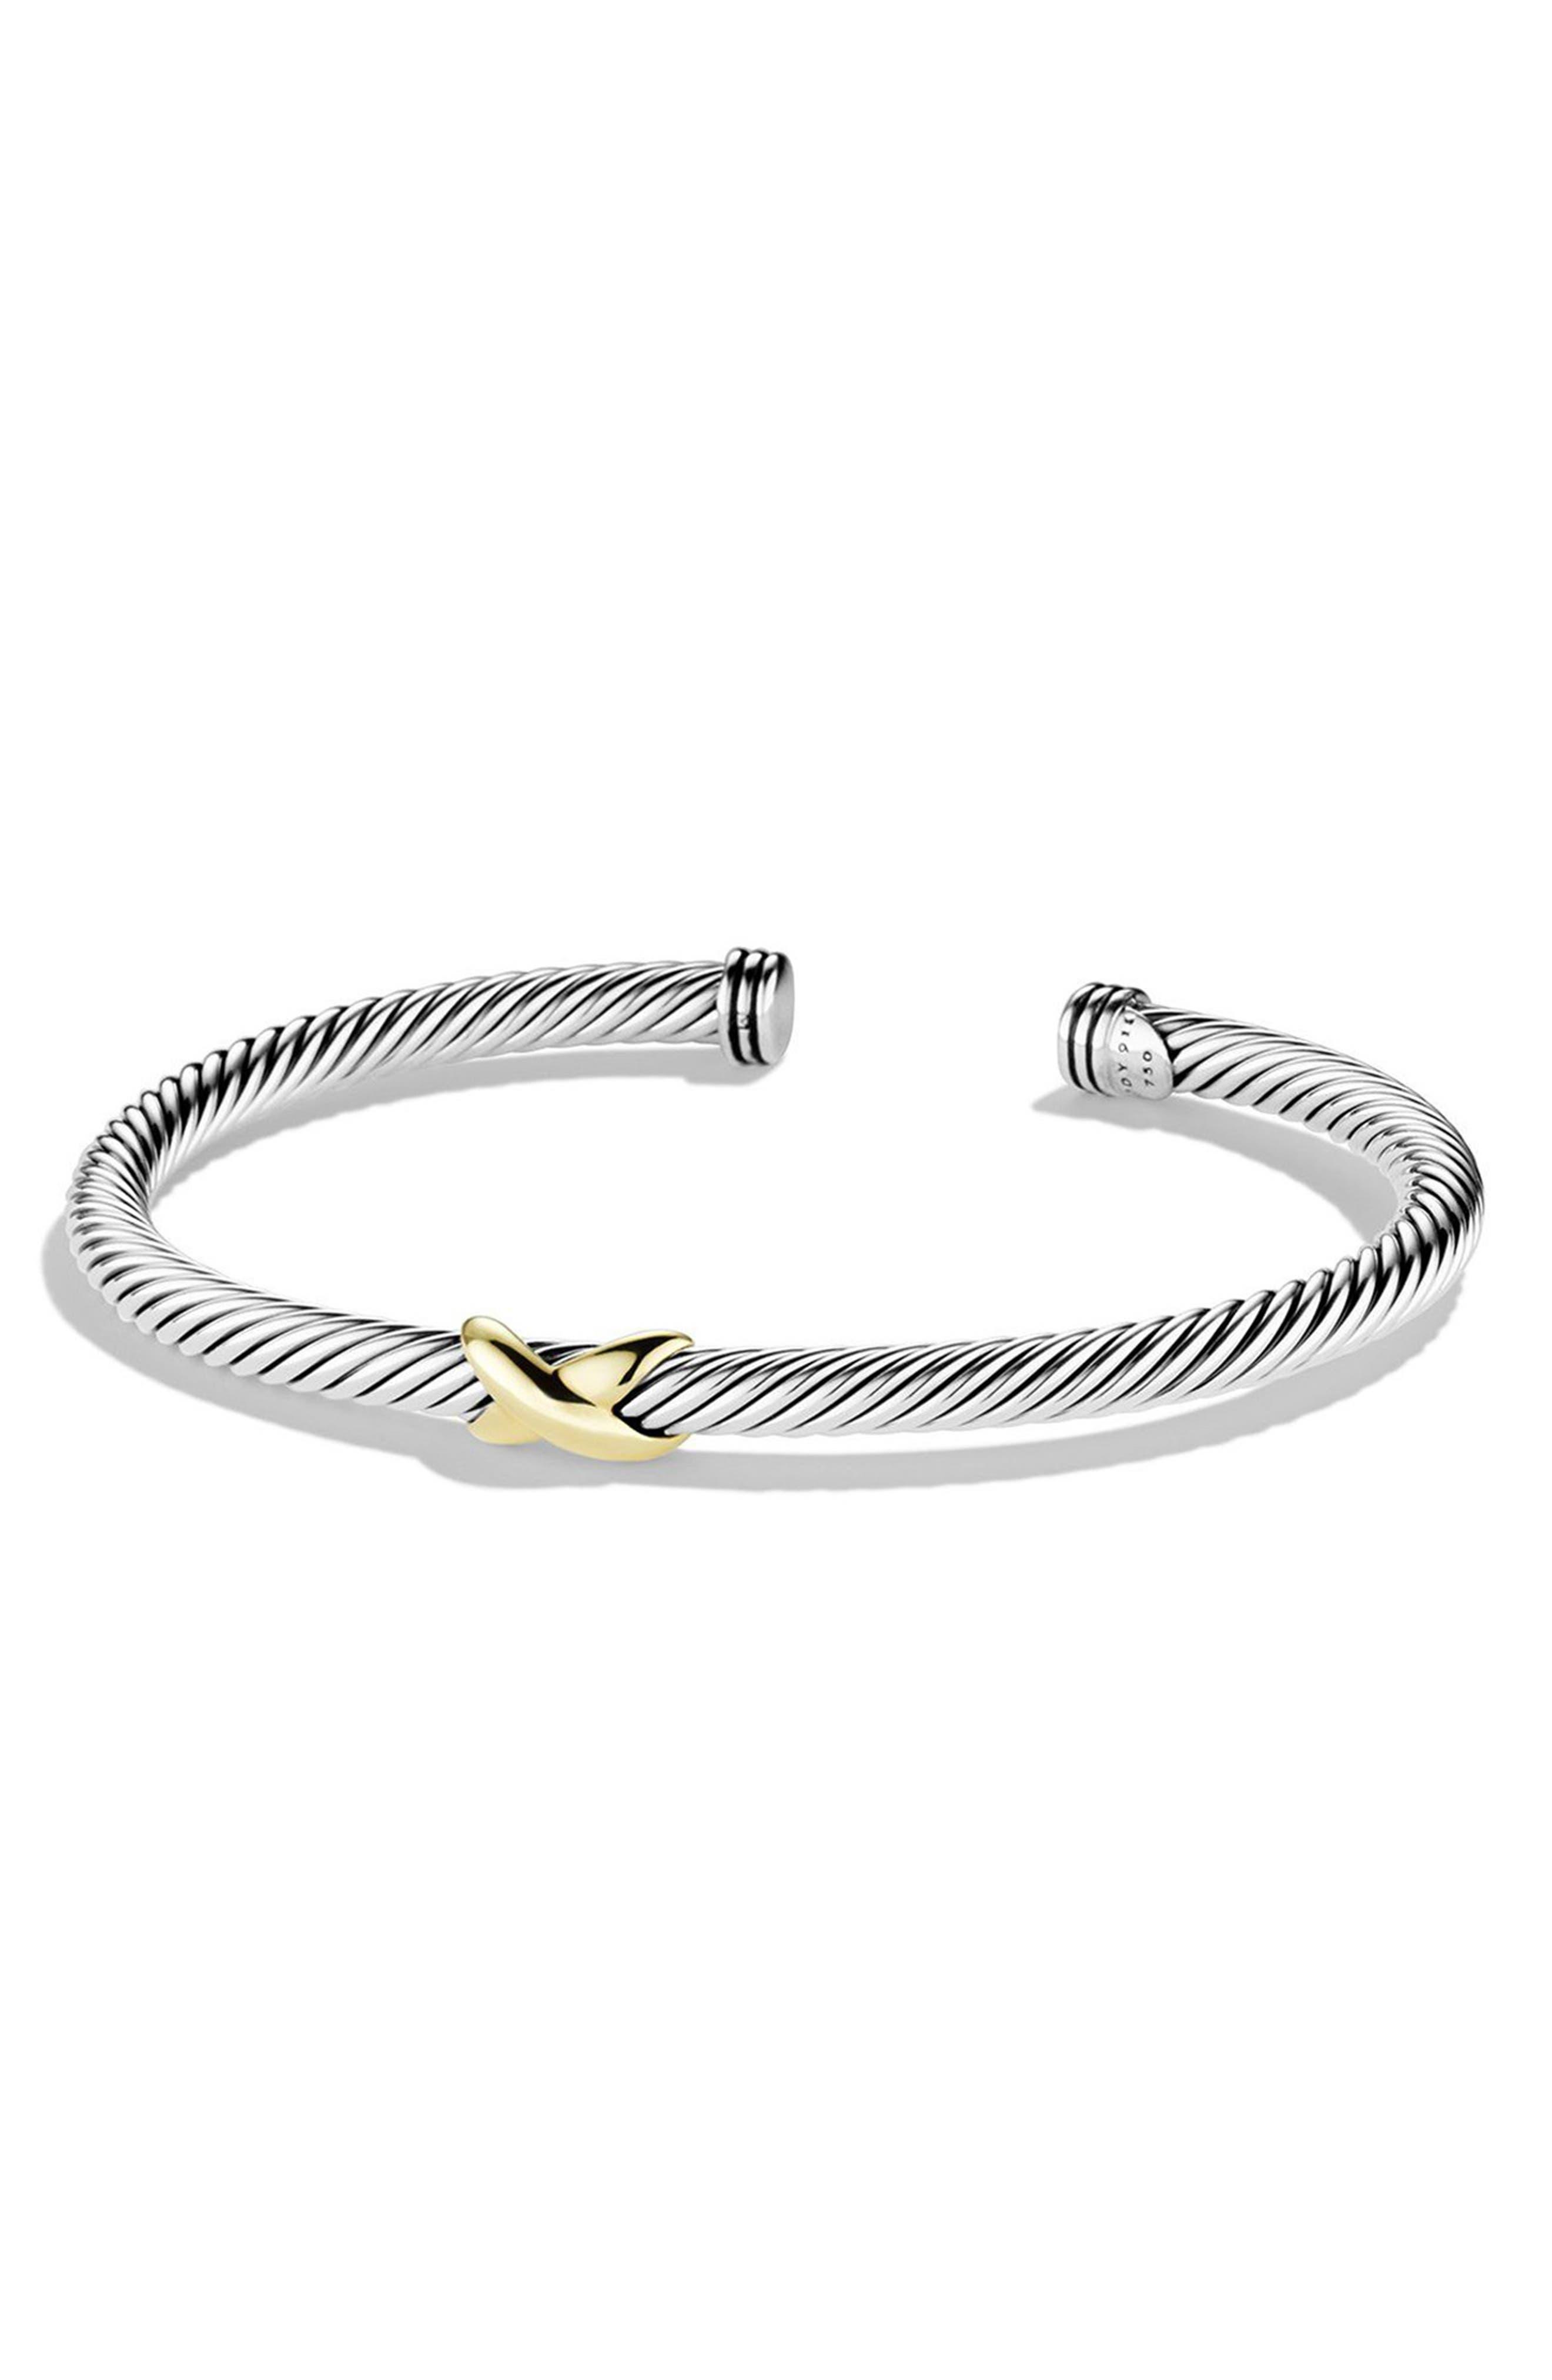 DAVID YURMAN,                             X Cable Bracelet,                             Main thumbnail 1, color,                             040